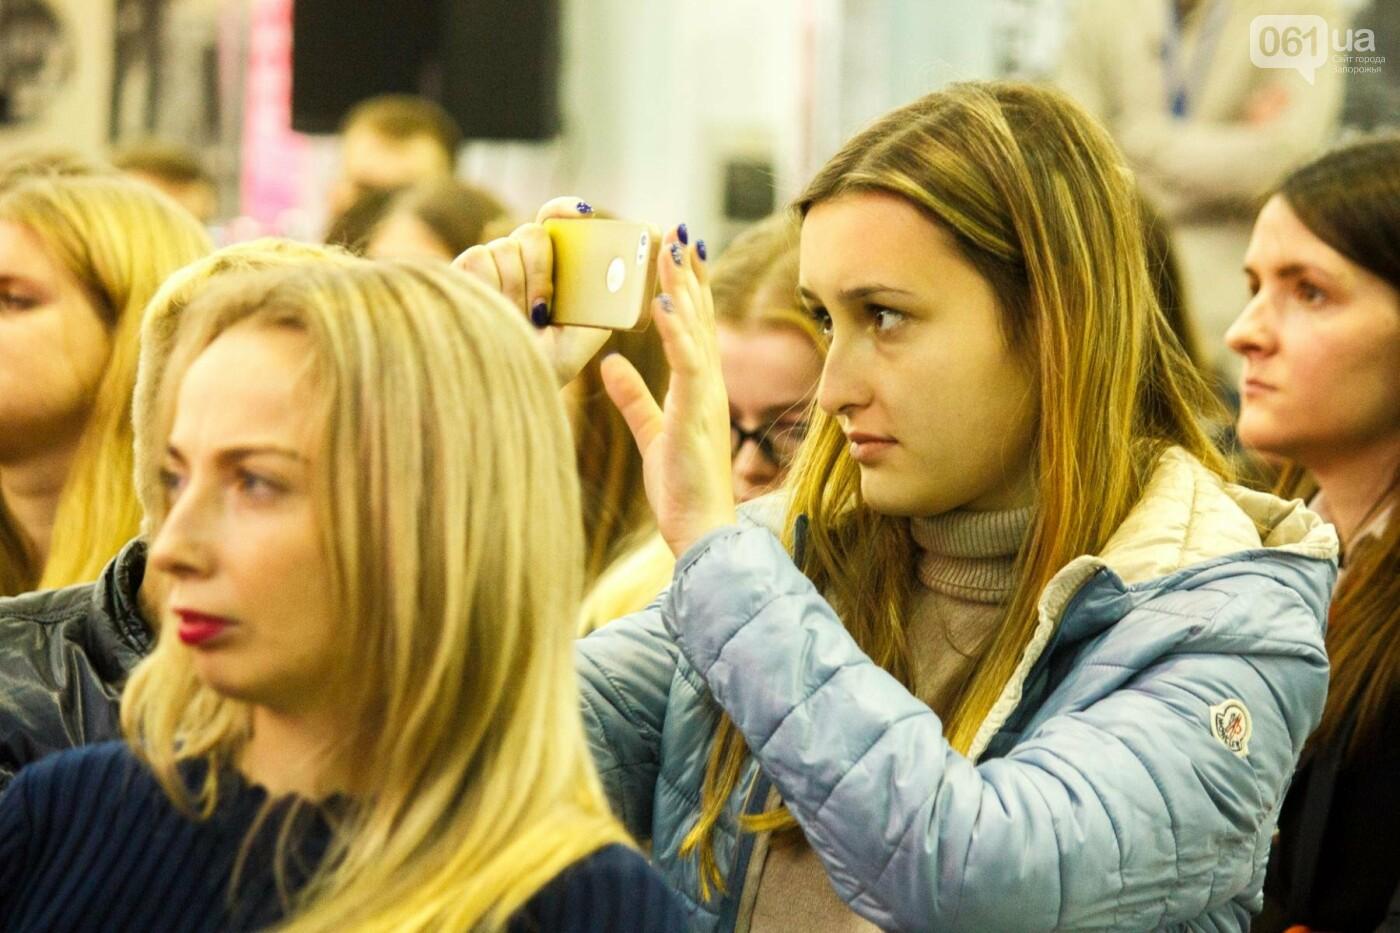 Запорожский Туристический Форум посетила телеведущая Ольга Фреймут, - ФОТОРЕПОРТАЖ, фото-14